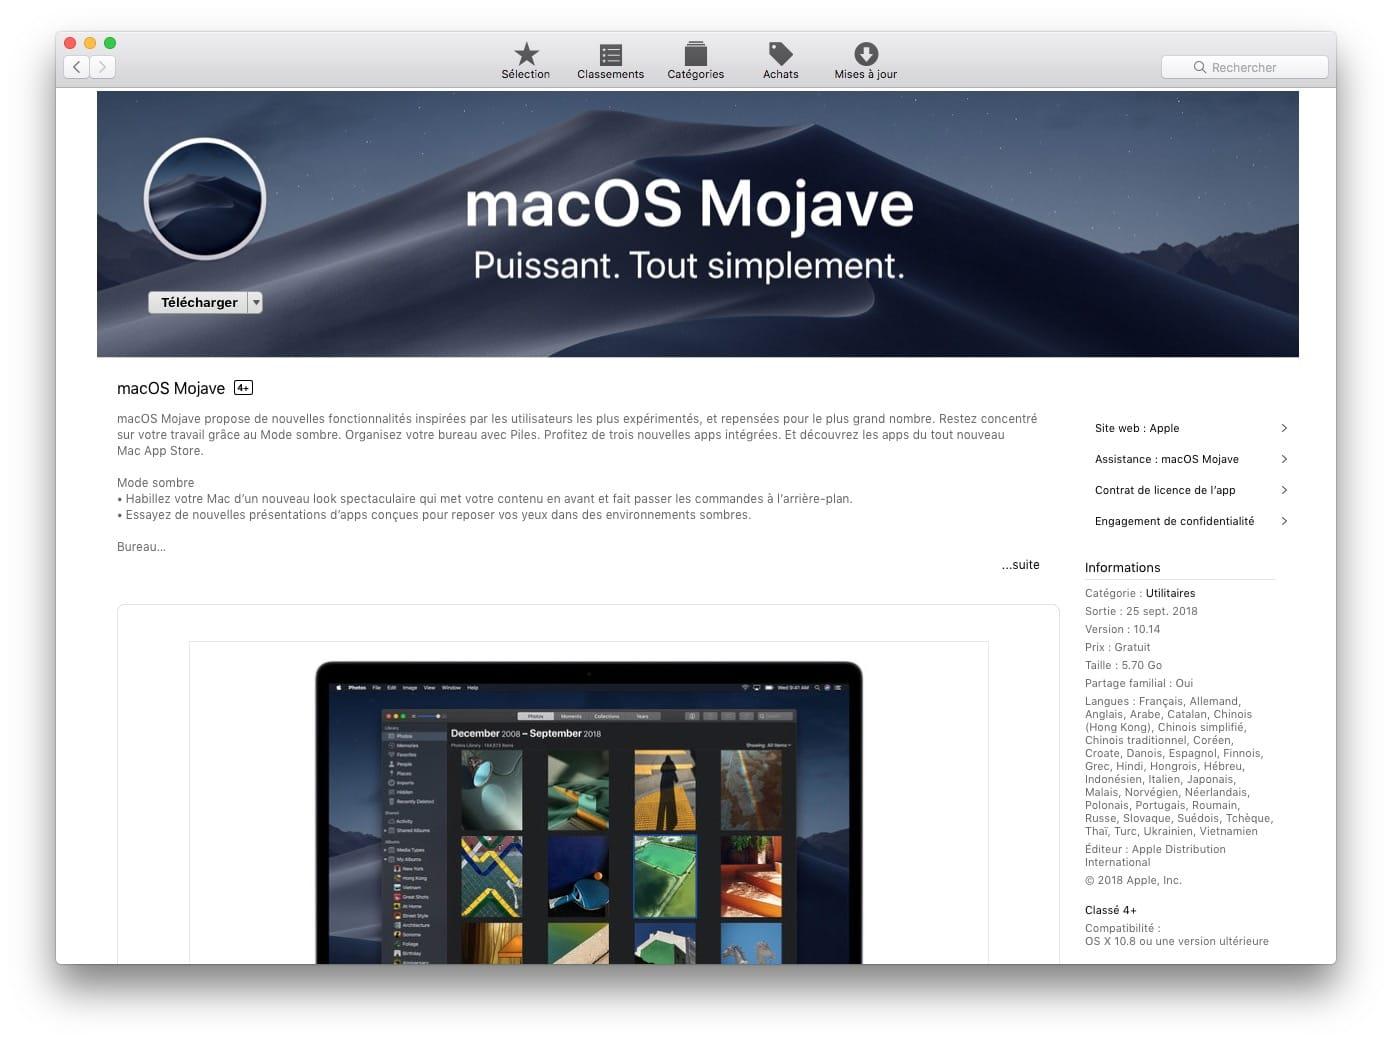 Télécharger le fichier d'installation complet de macOS Mojave (10 14